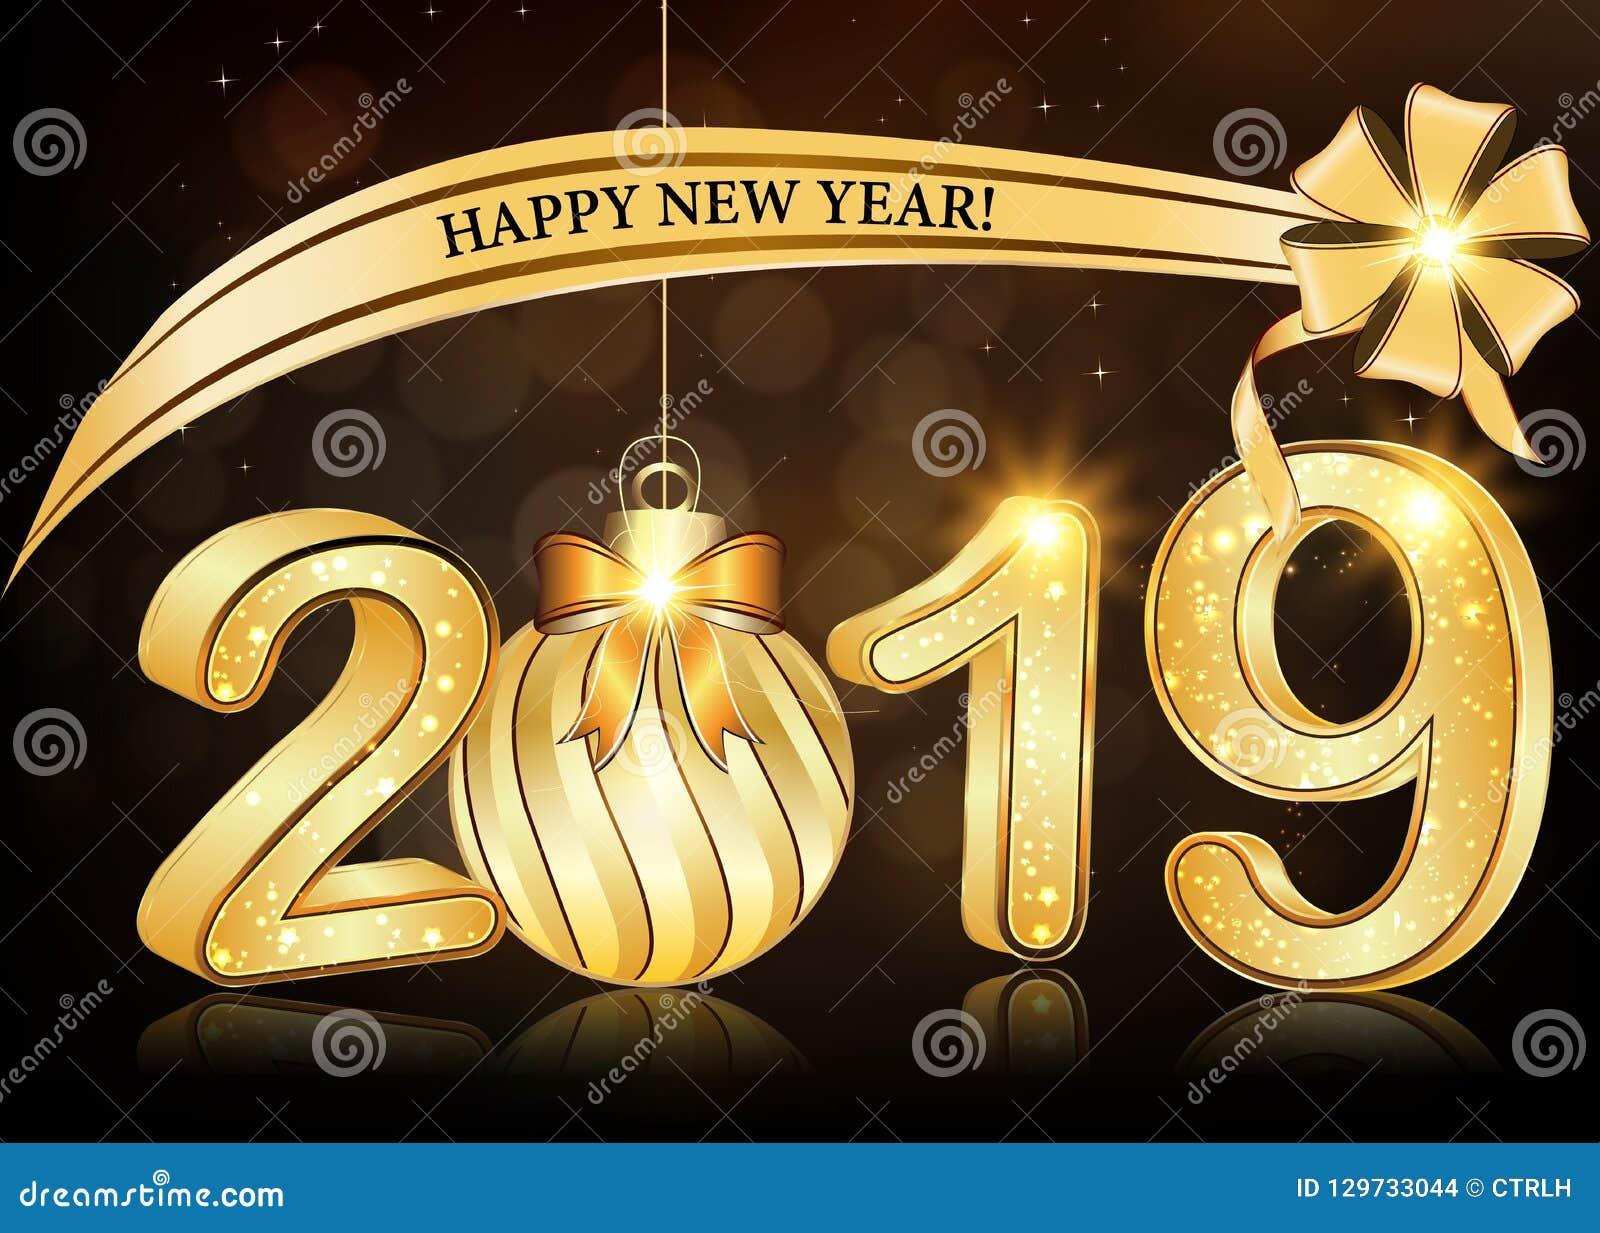 Gelukkig Nieuwjaar 2019 - elegante bruine groetkaart met 3d teksten